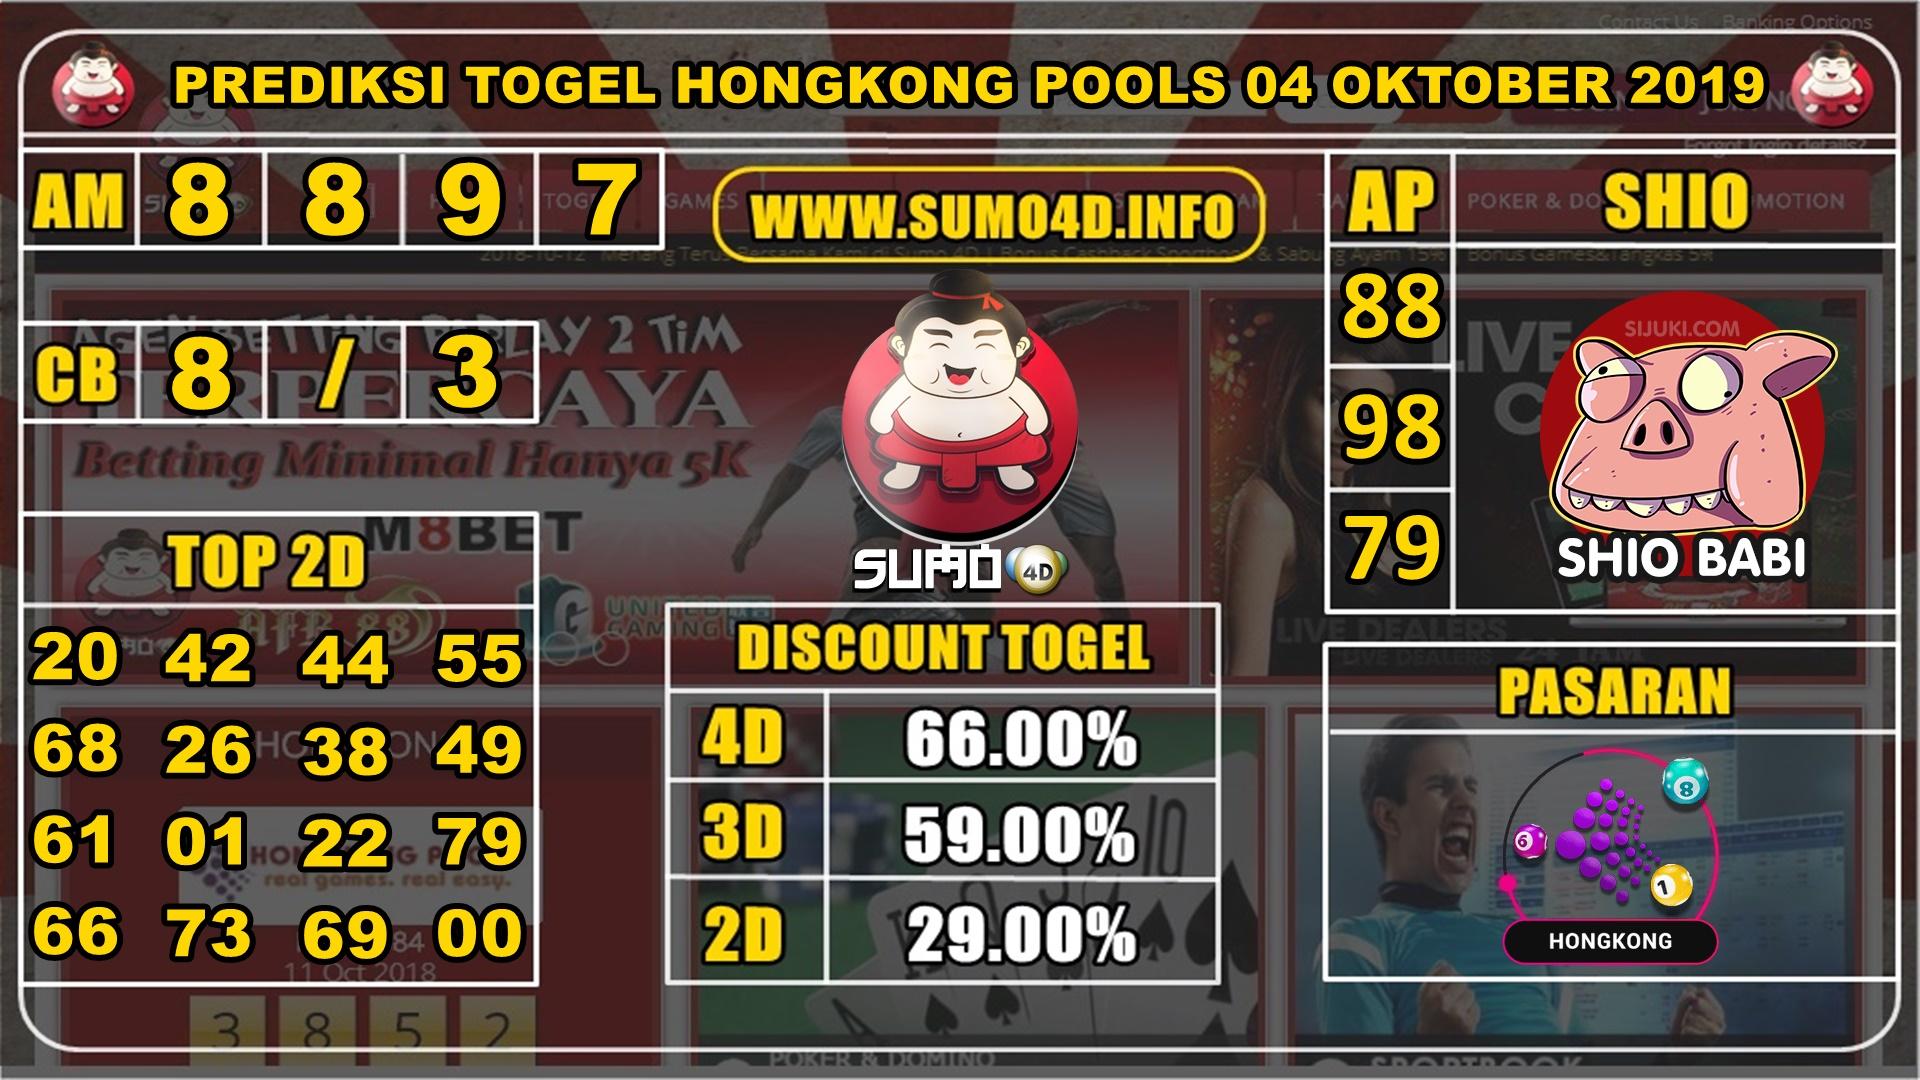 PREDIKSI TOGEL HONGKONG POOLS 04 OKTOBER 2019